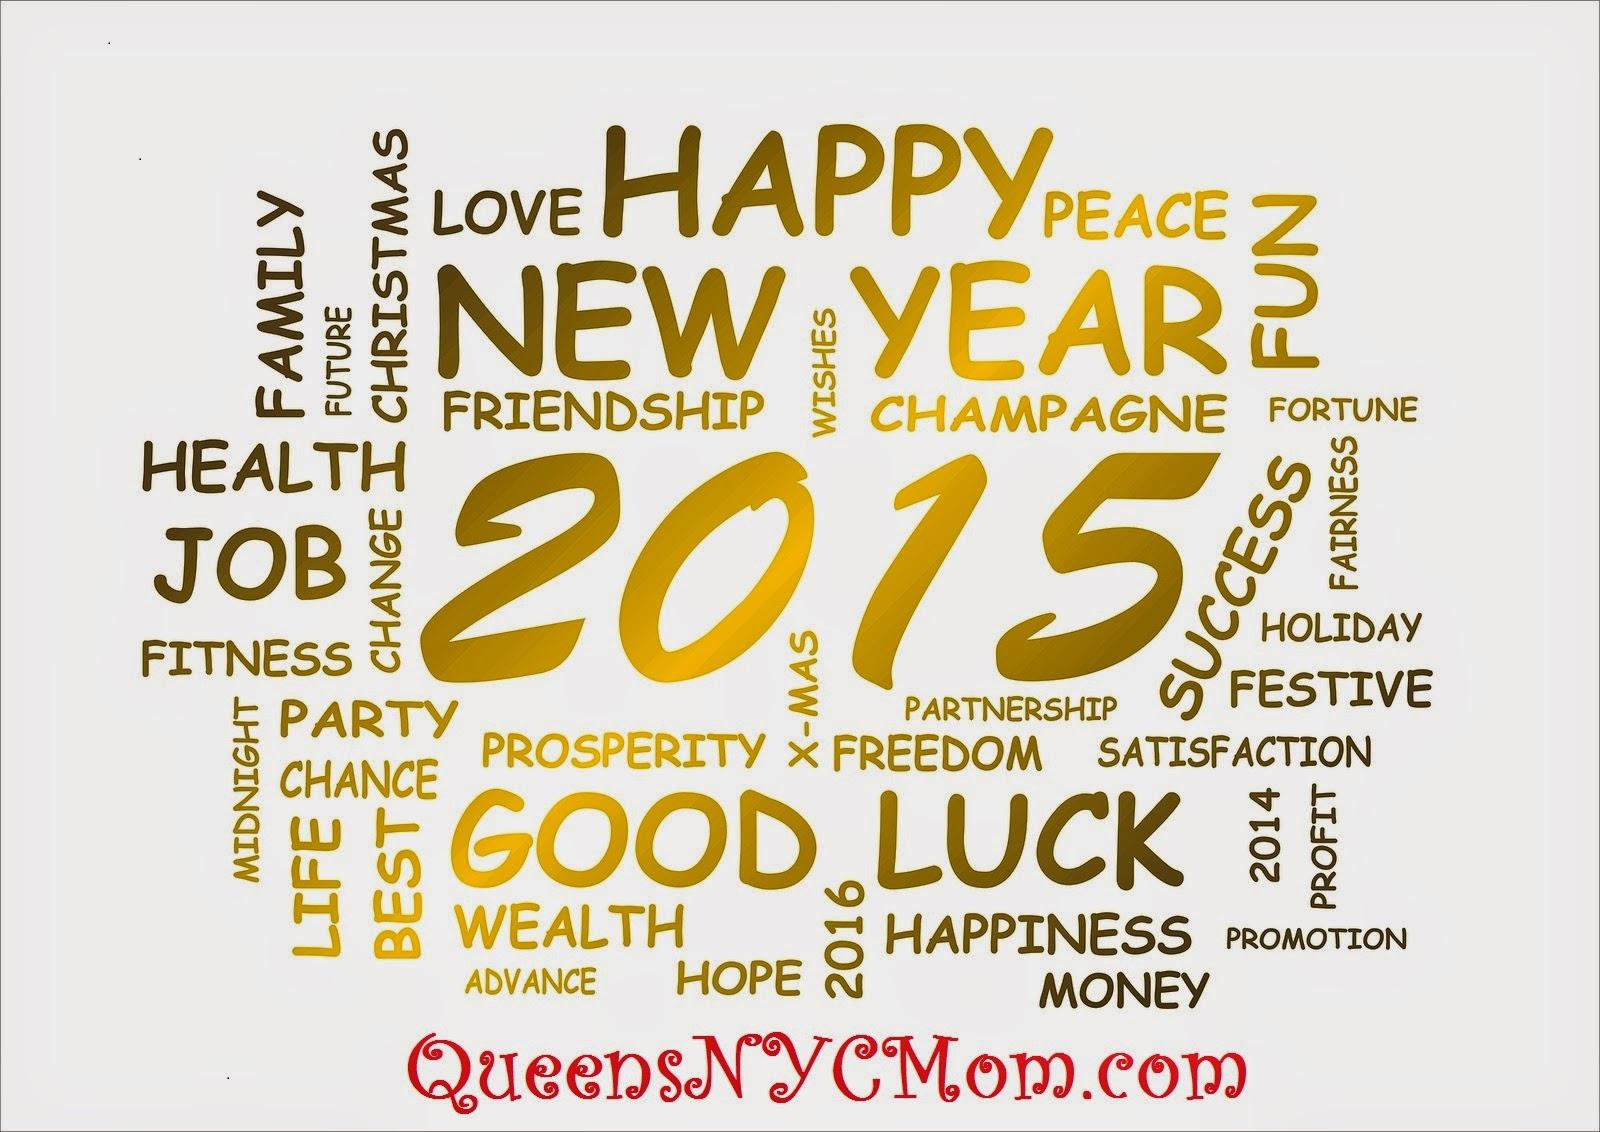 HAPPY NEW YEAR 2015 ~ QueensNYCMom